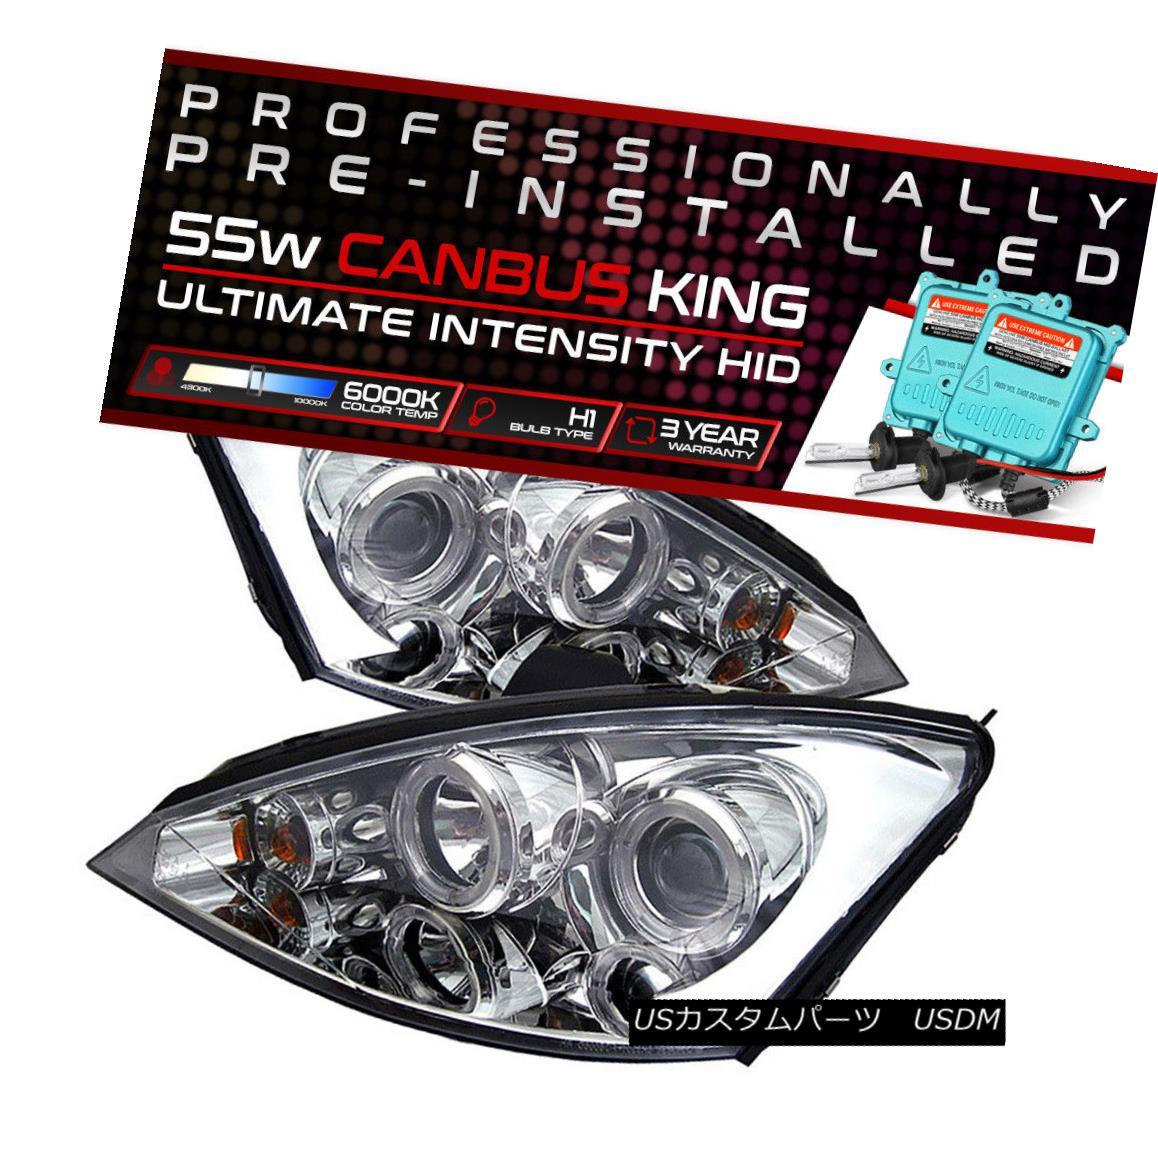 ヘッドライト !55W HID Built-In! 00-04 Ford Focus Chrome Dual Halo Projector Headlight Lamp !55W HID内蔵! 00-04フォードフォーカスクロームデュアルヘイロープロジェクターヘッドライトランプ